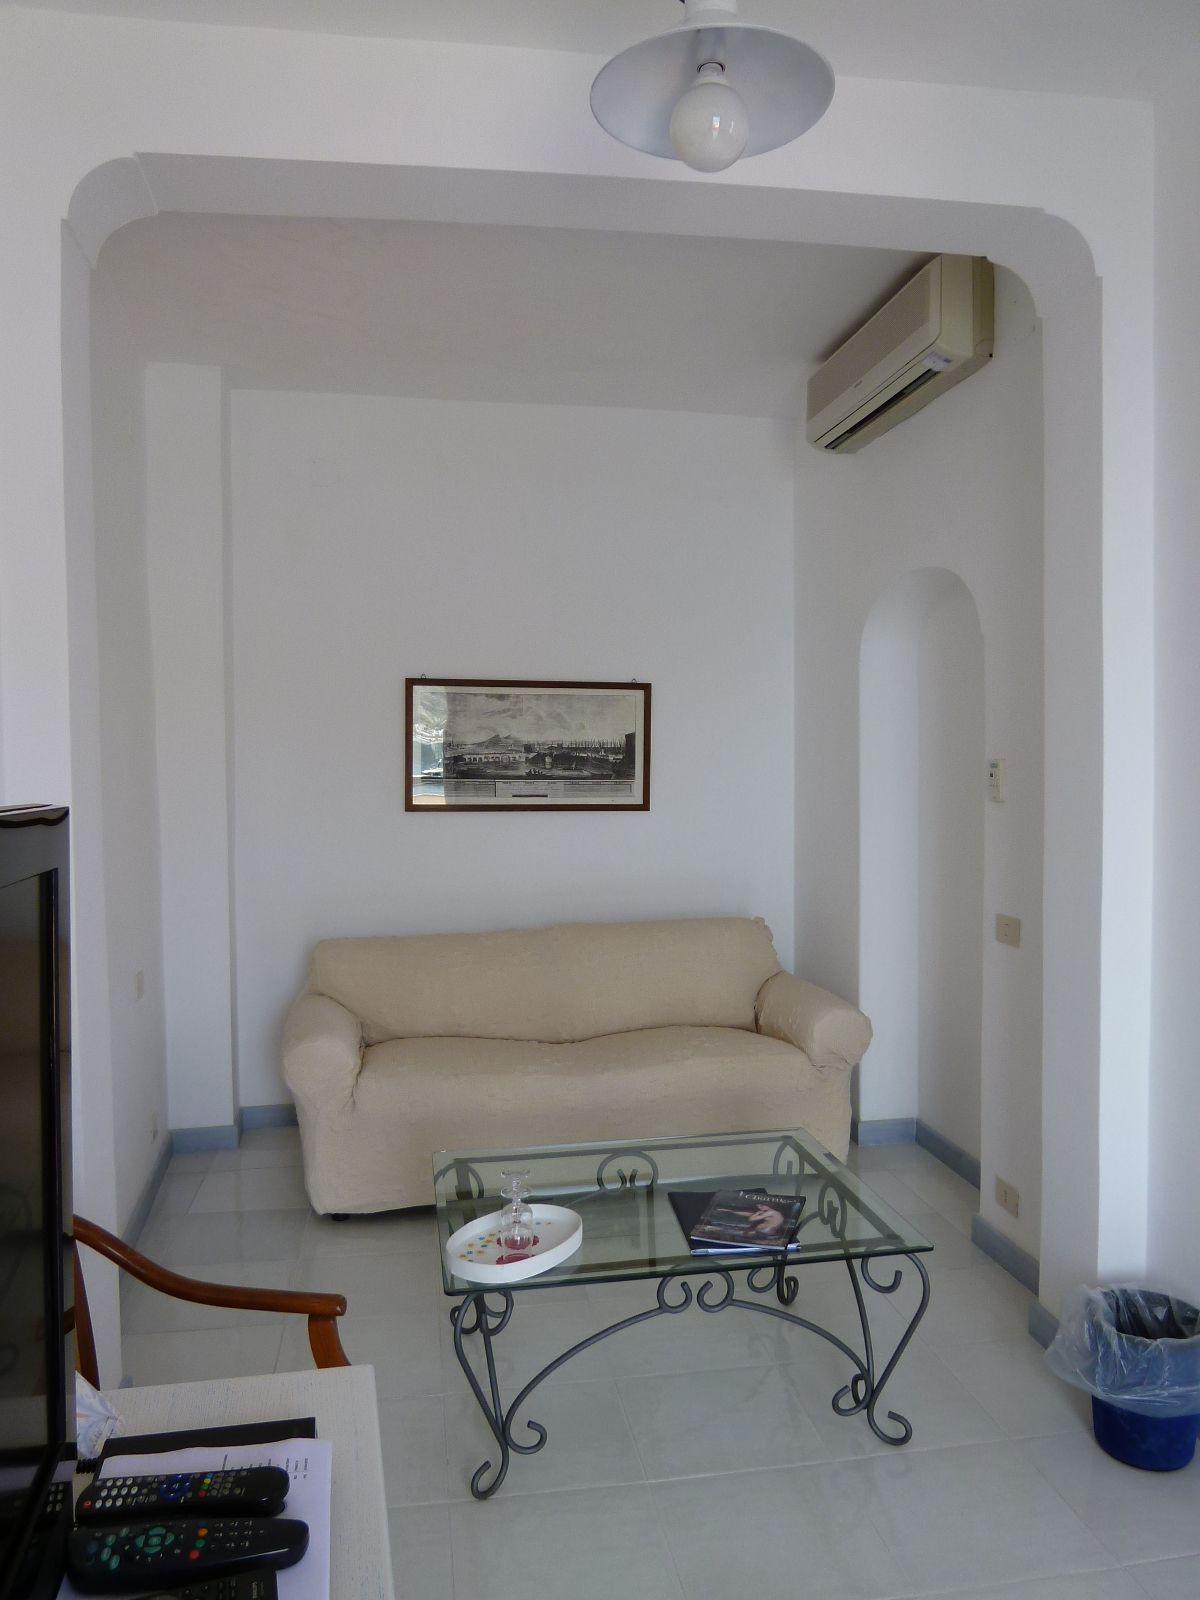 """Camera di """"Miramare Sea Resort & Spa"""" (Hotel), Sant'Angero, Isola Ischia,Italia (Maggio)"""